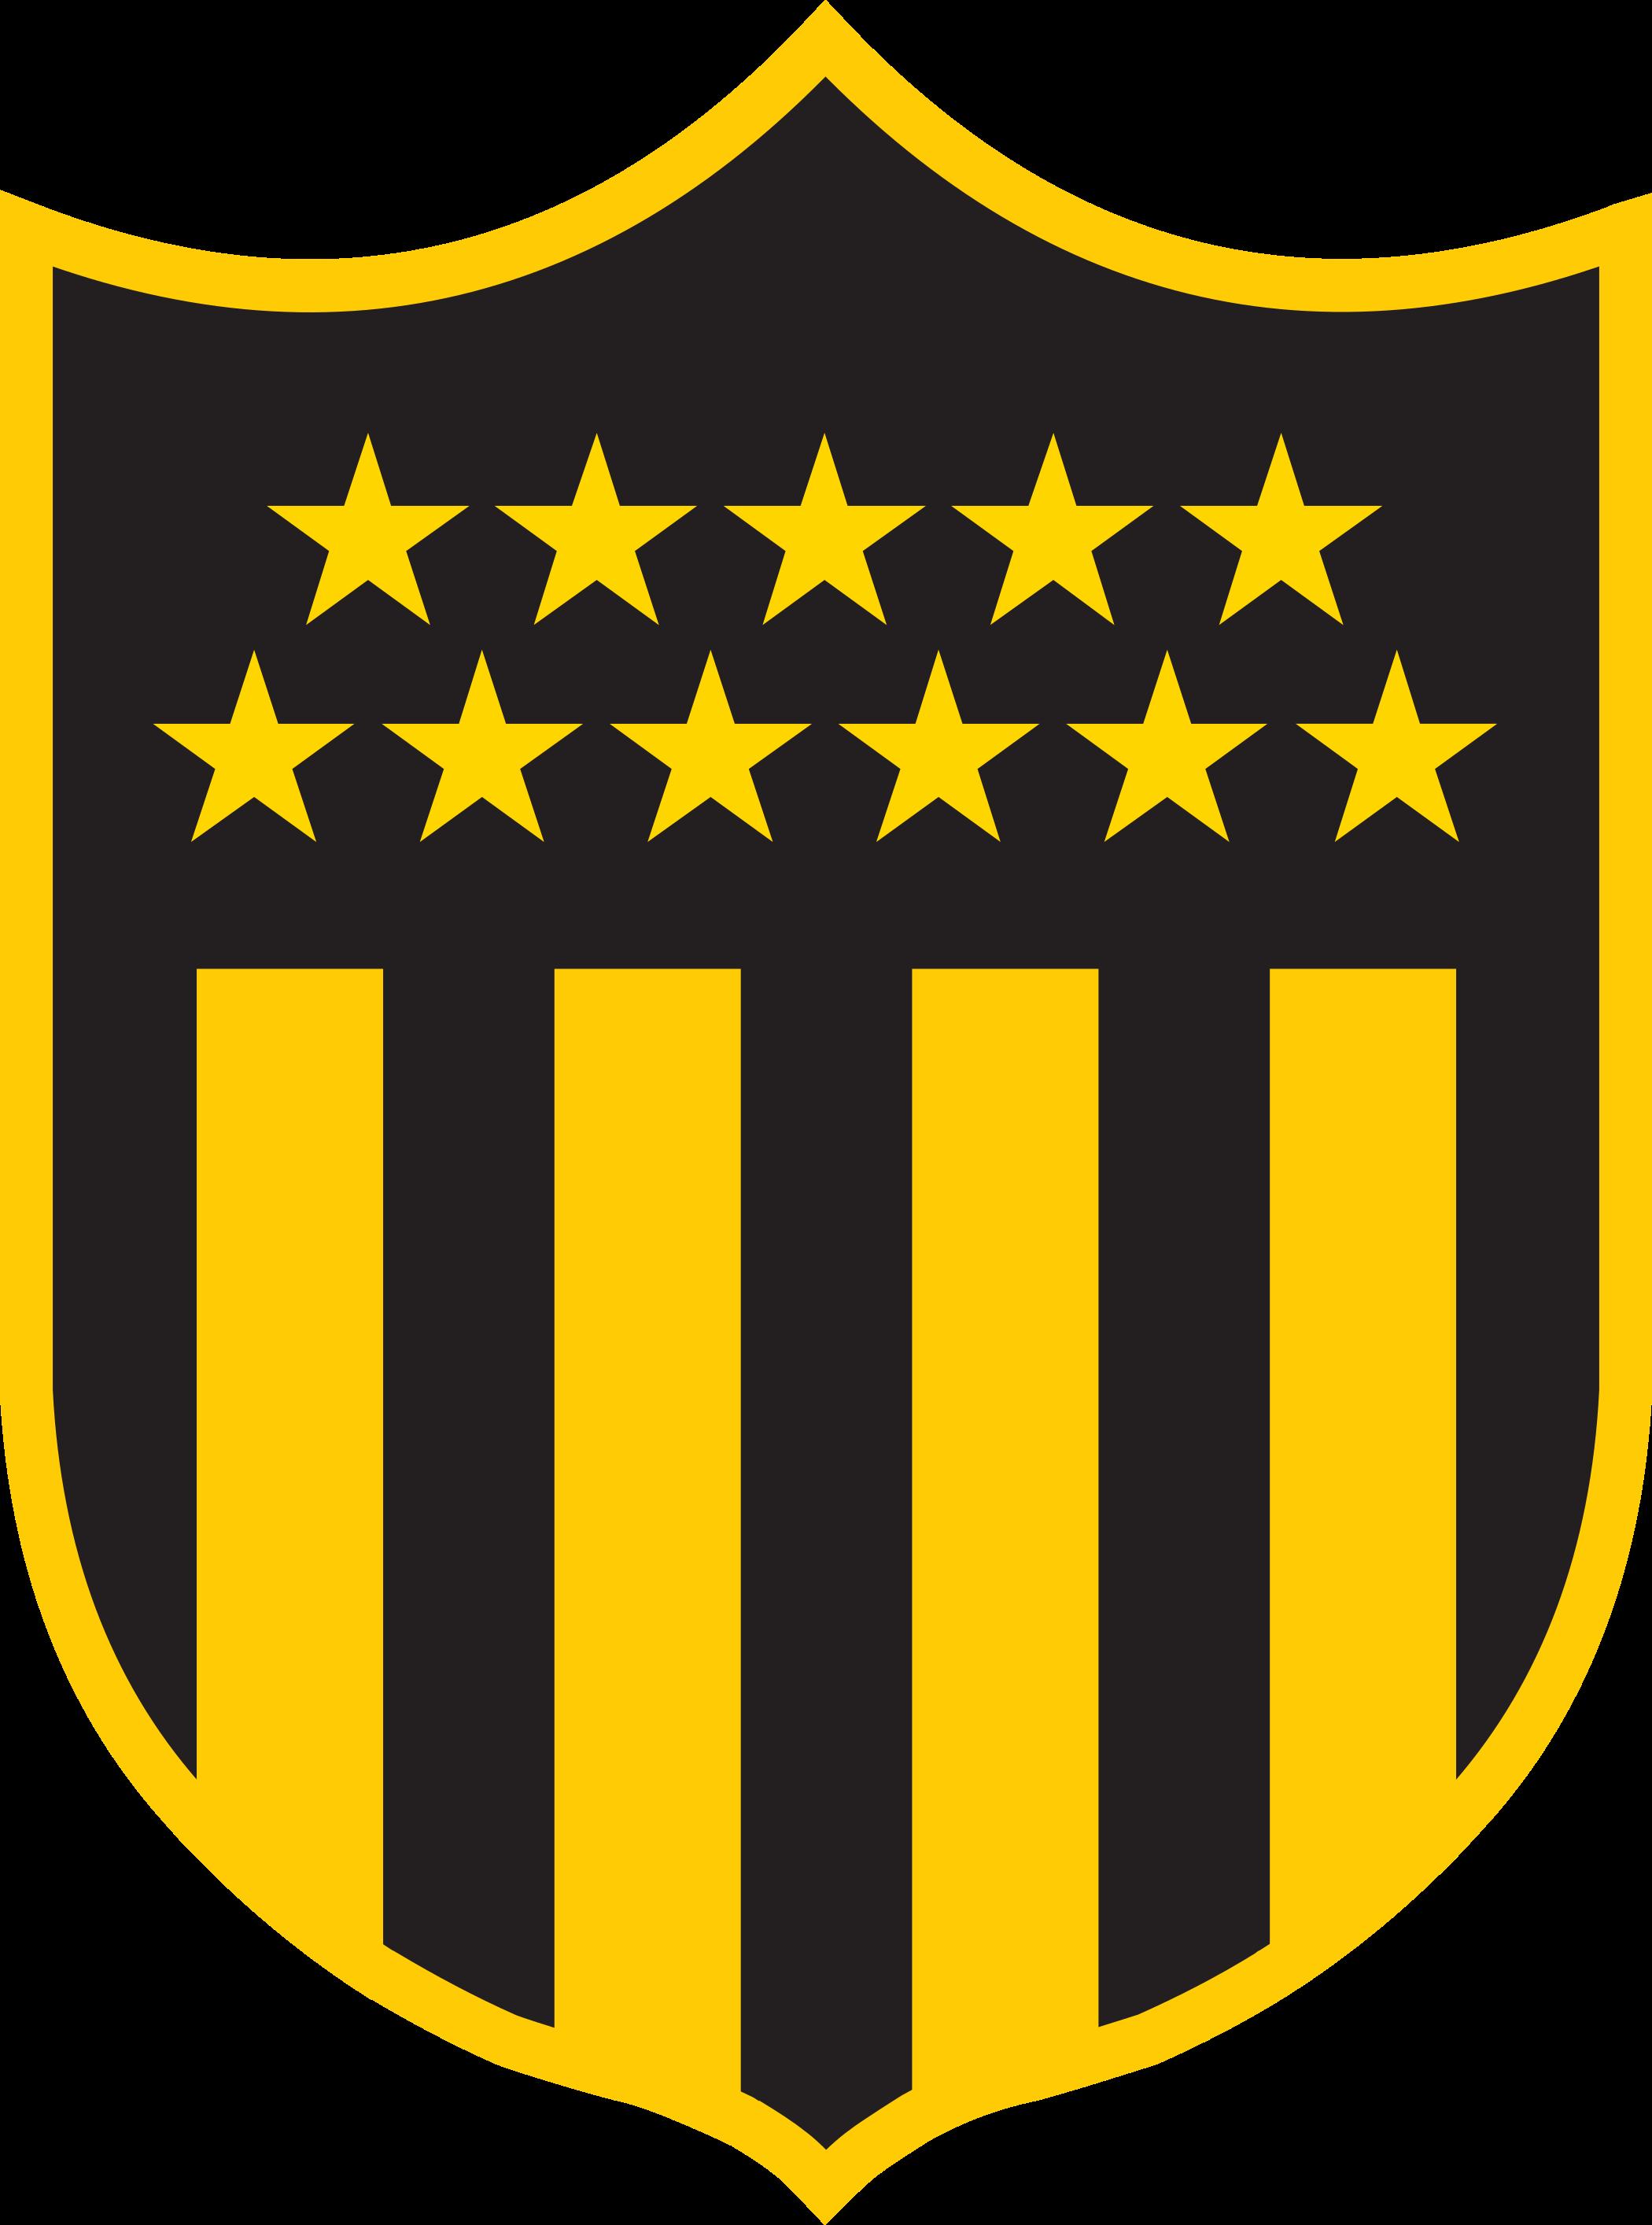 penarol logo escudo 2 - Peñarol Logo - Club Atlético Peñarol Escudo